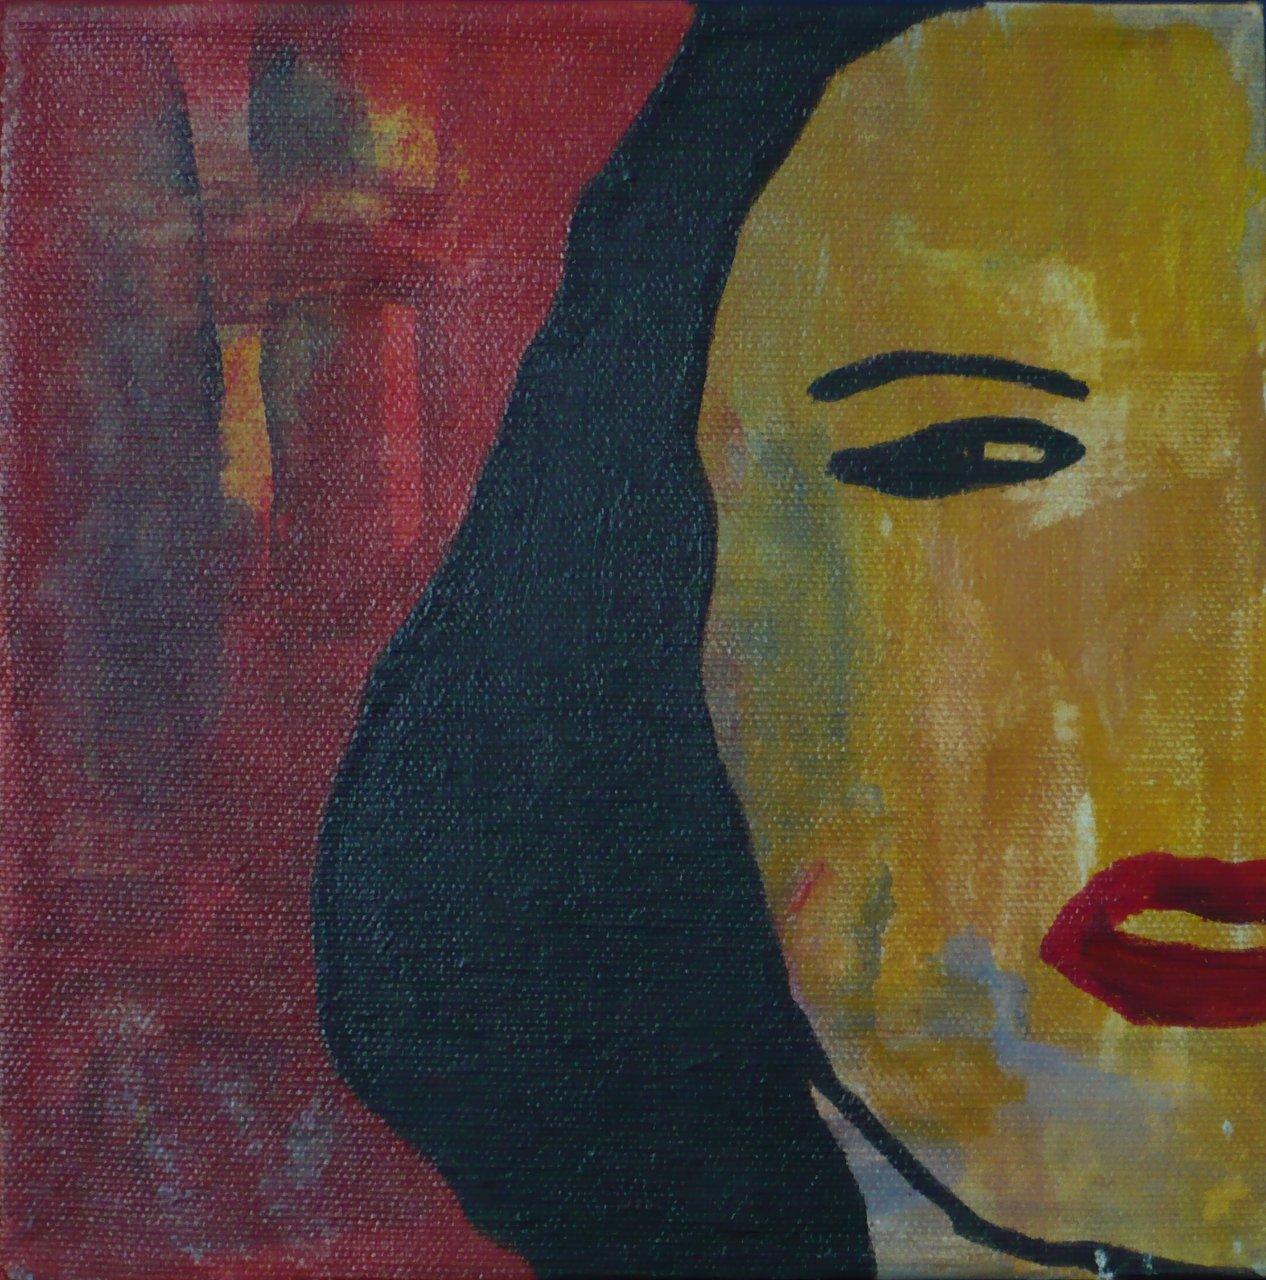 La Femme 2